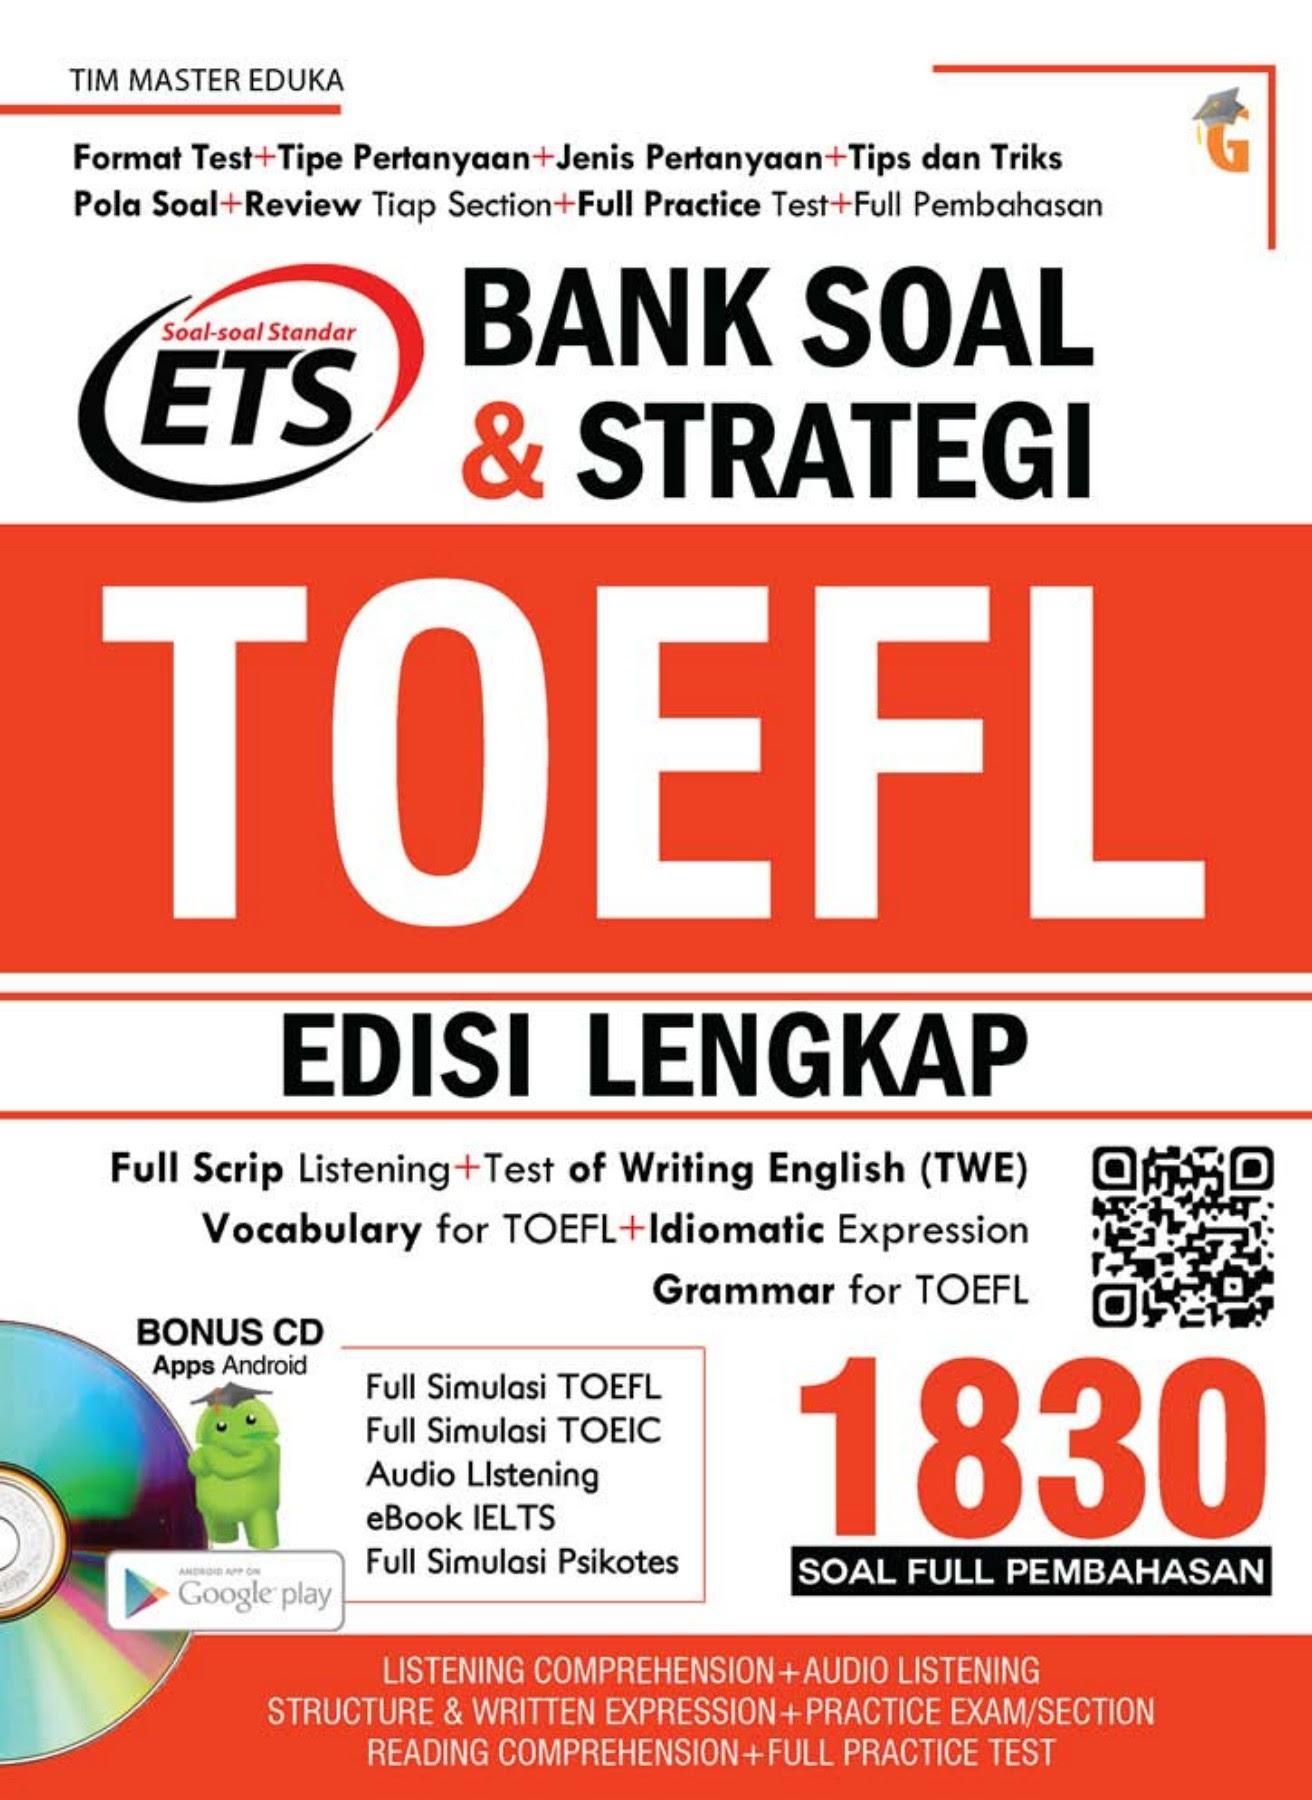 Biaya Kursus Bahasa Inggris Jogja Kursus Bahasa Inggris Toefl Online